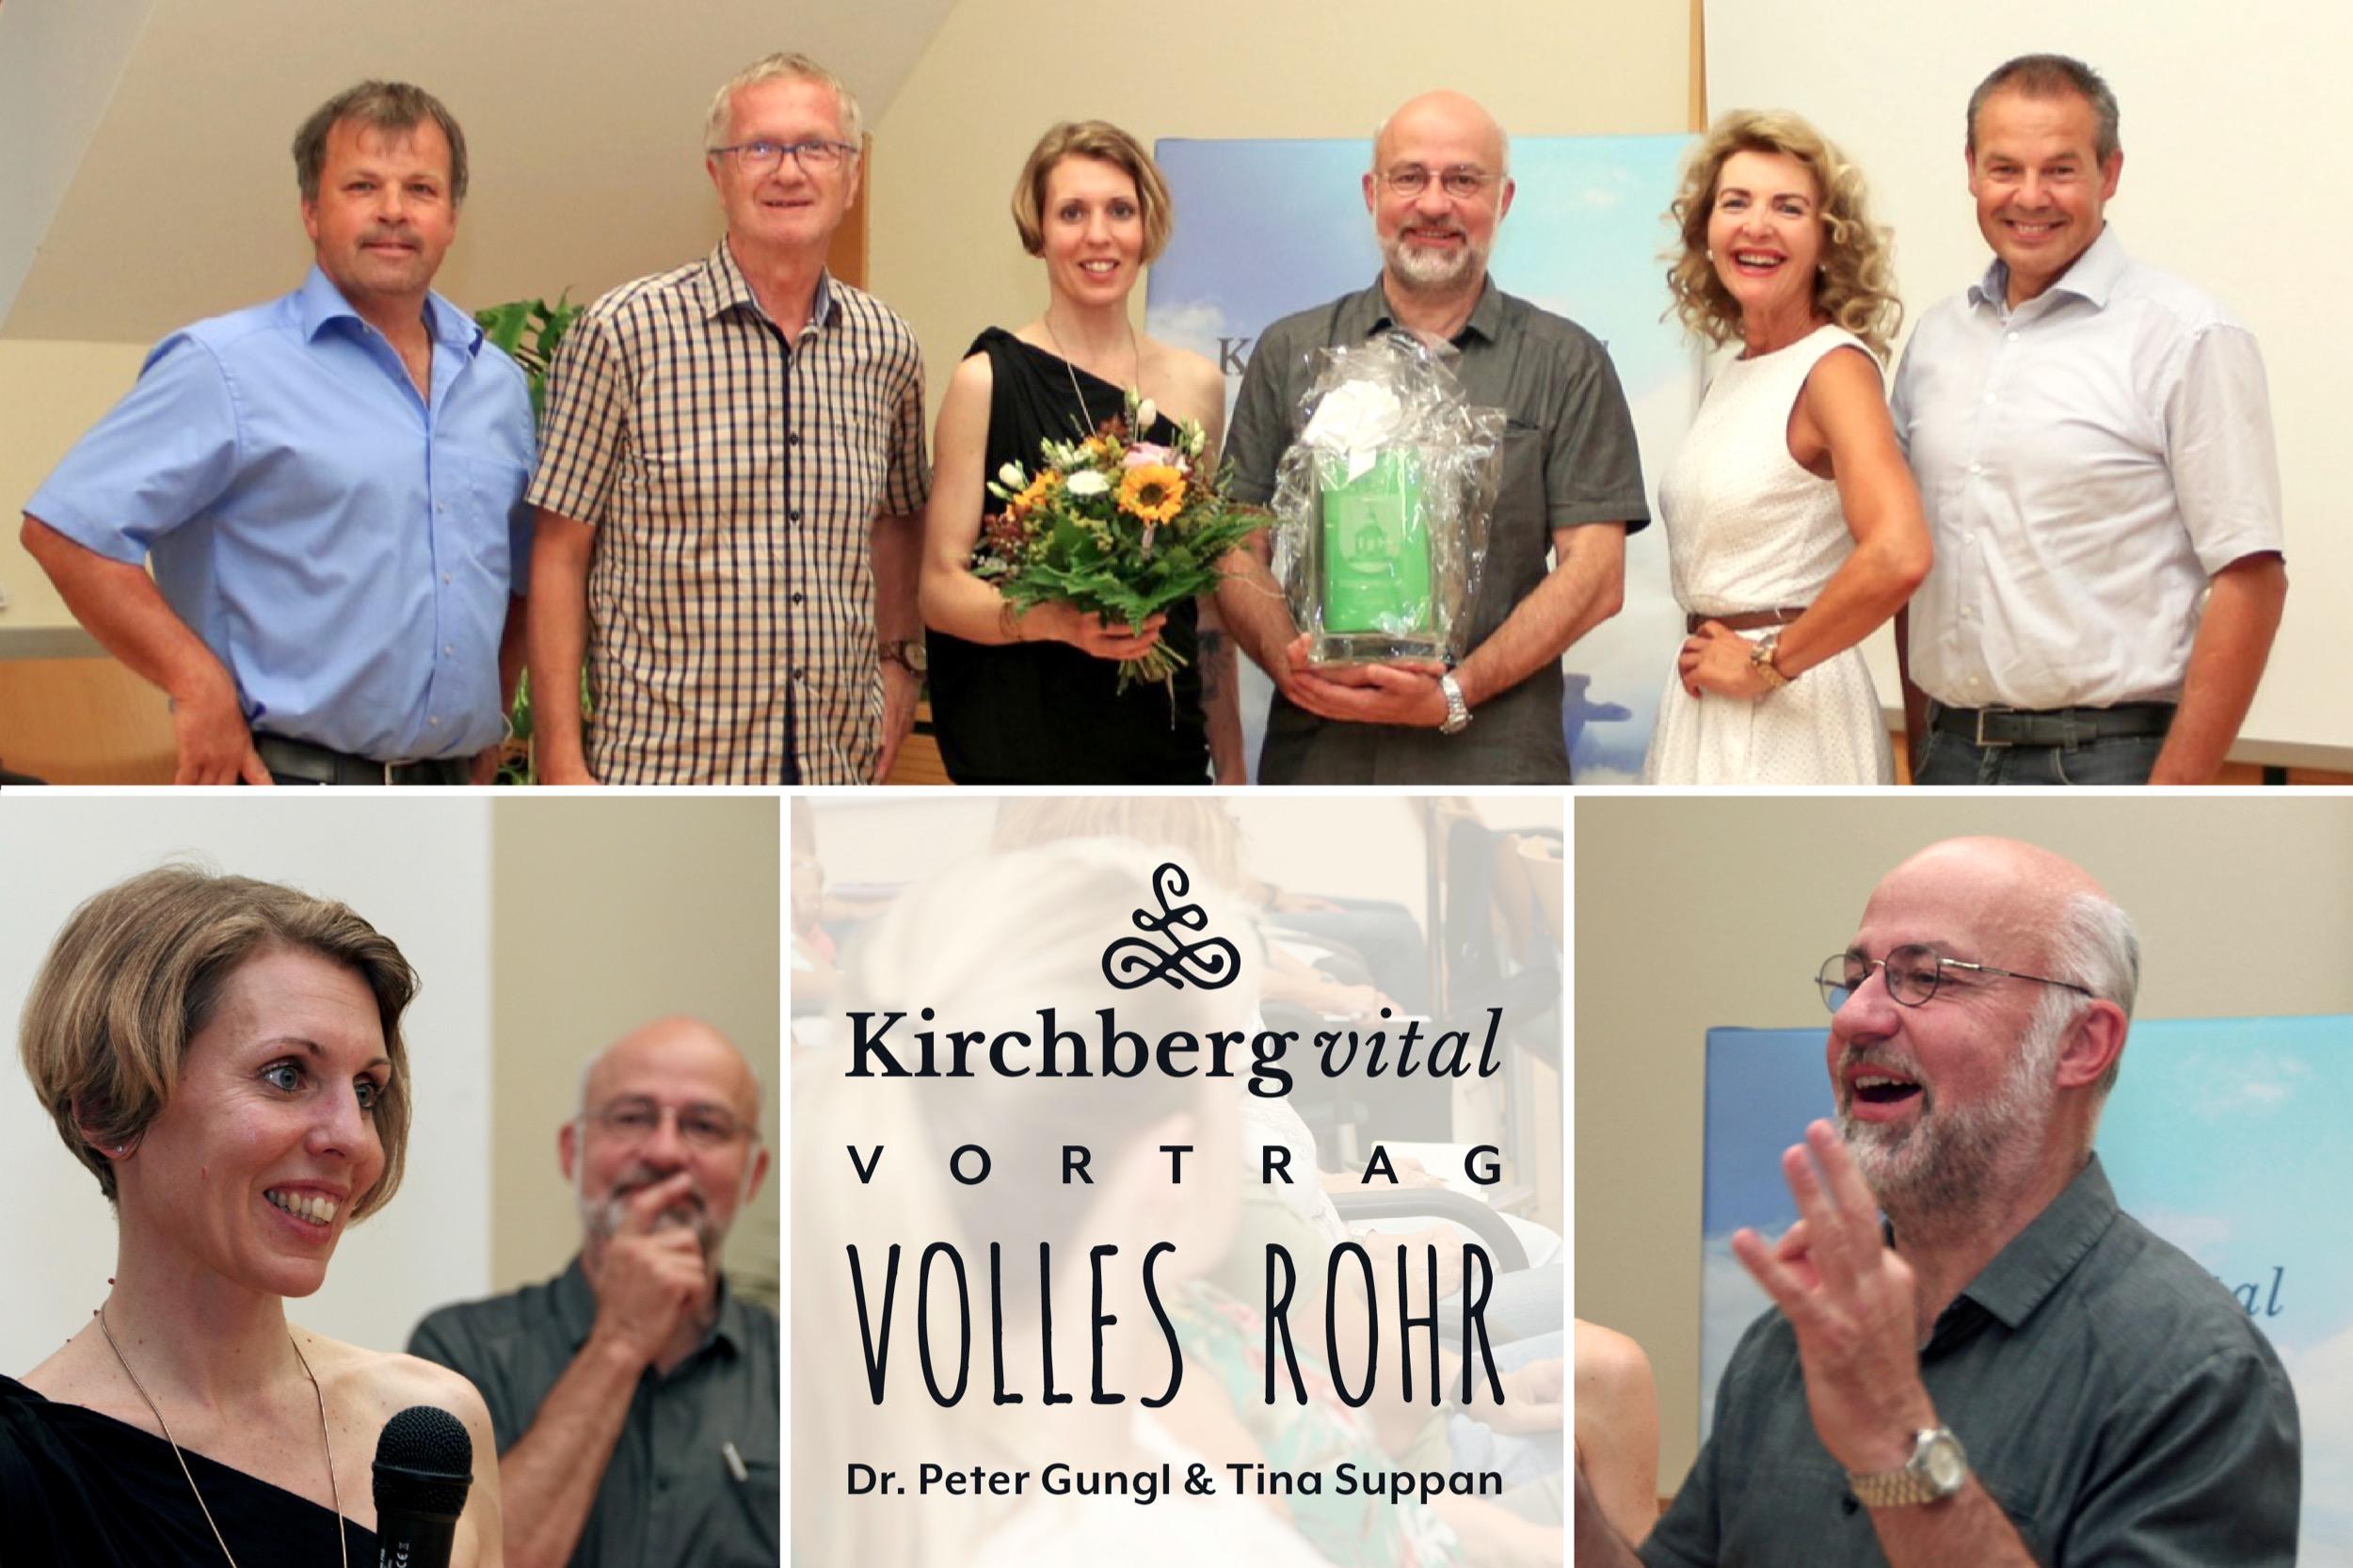 VollesRohr3_Collage.jpg